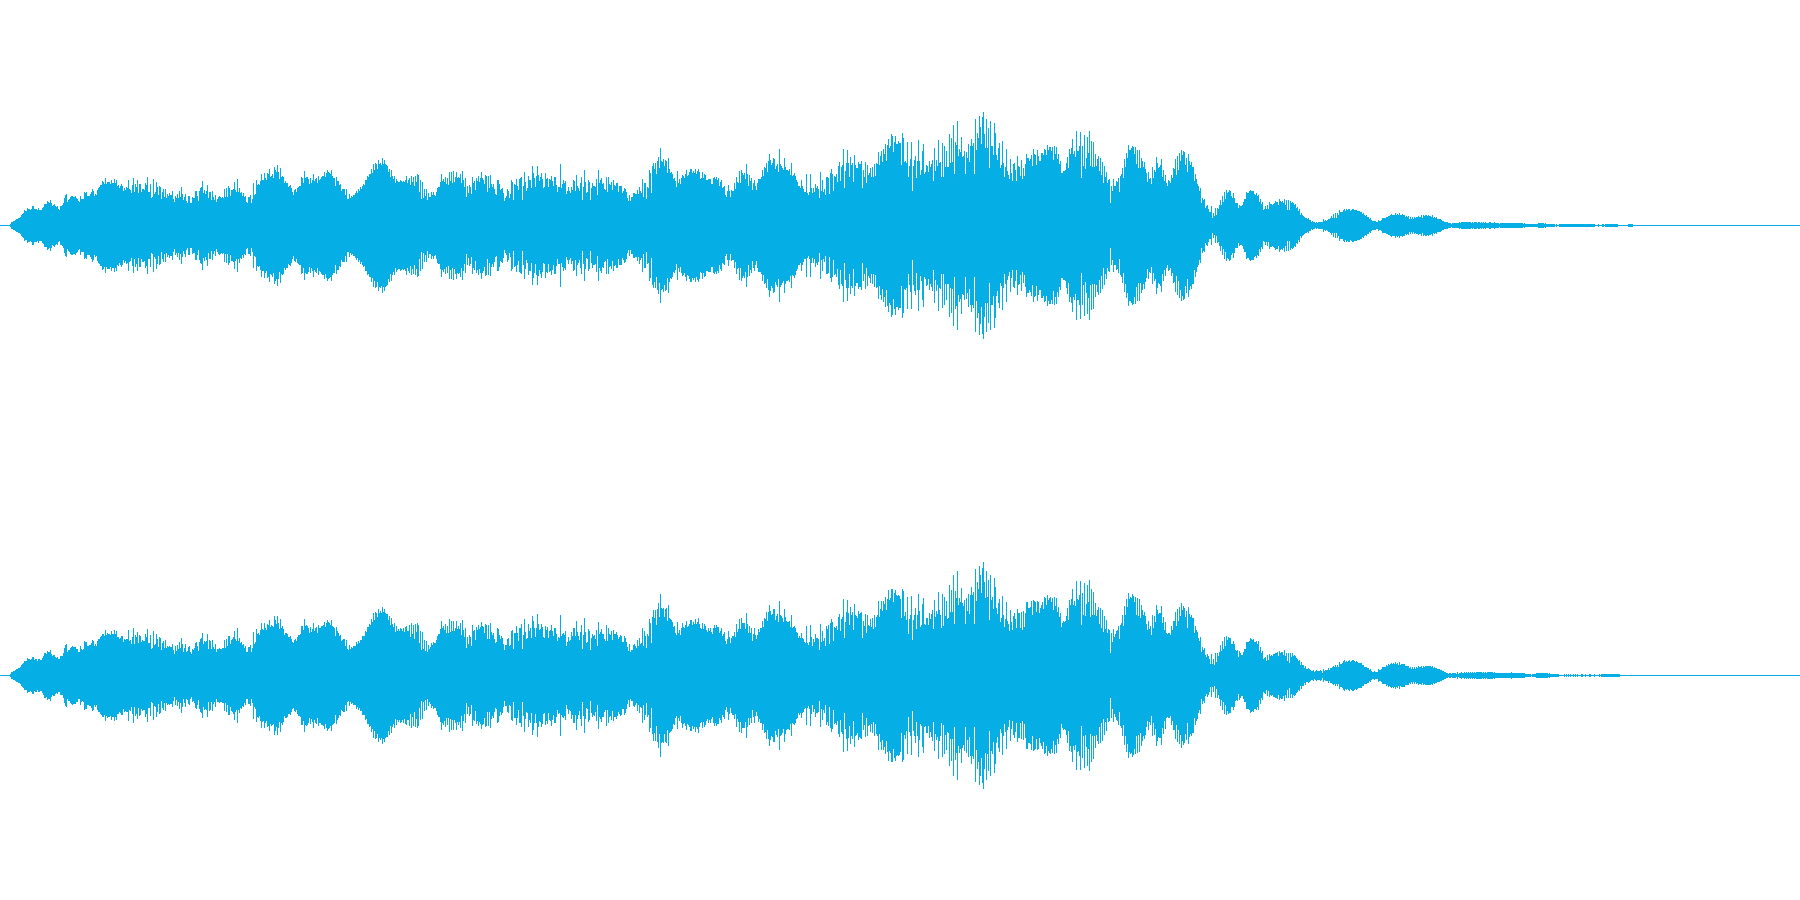 キラリンキラリンキラリリーン/ゆるいベルの再生済みの波形